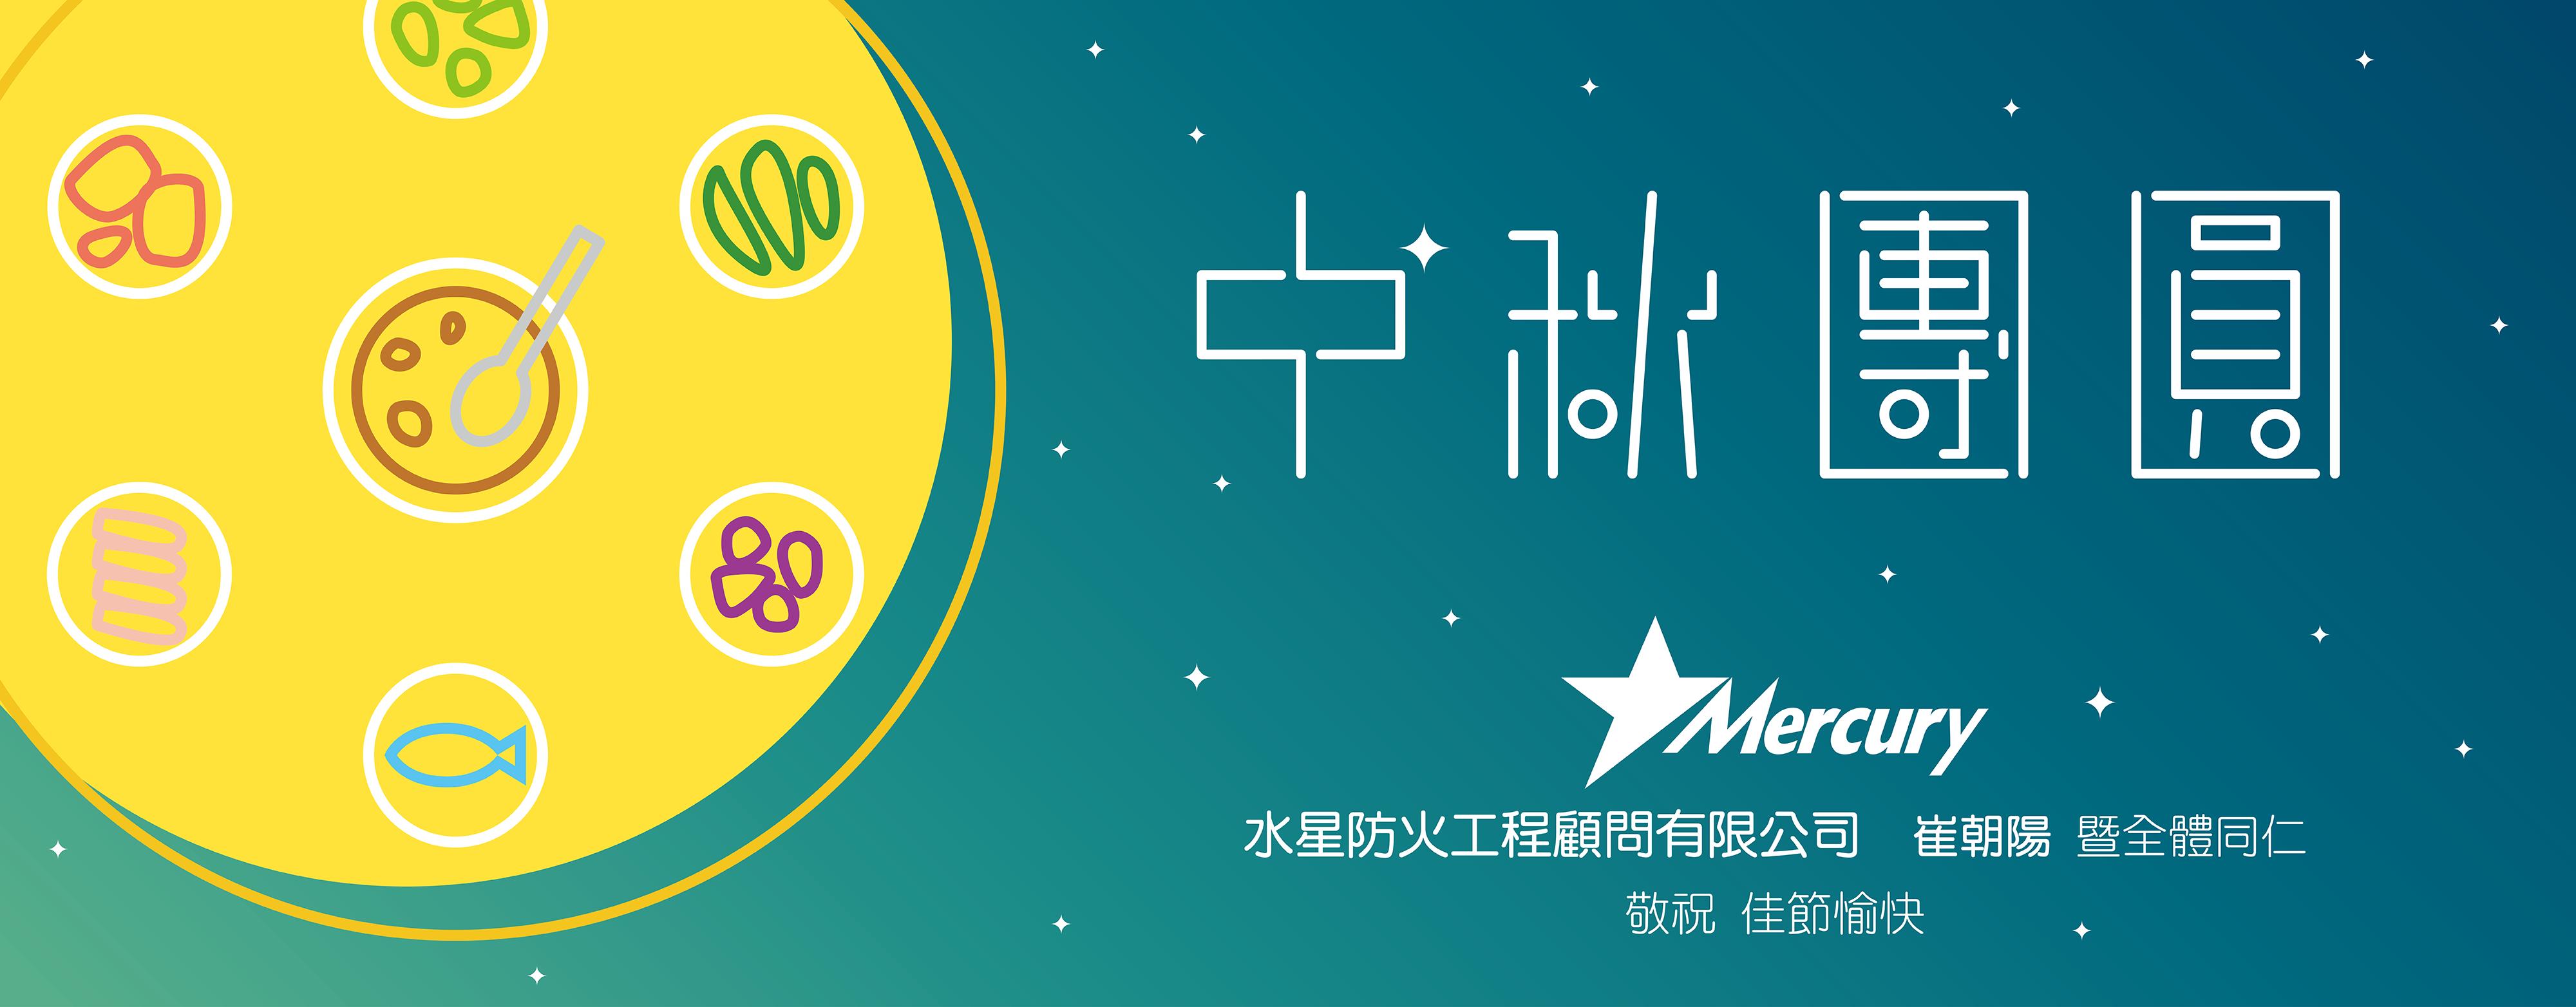 中秋2-2-官網尺寸-01-4000x1564